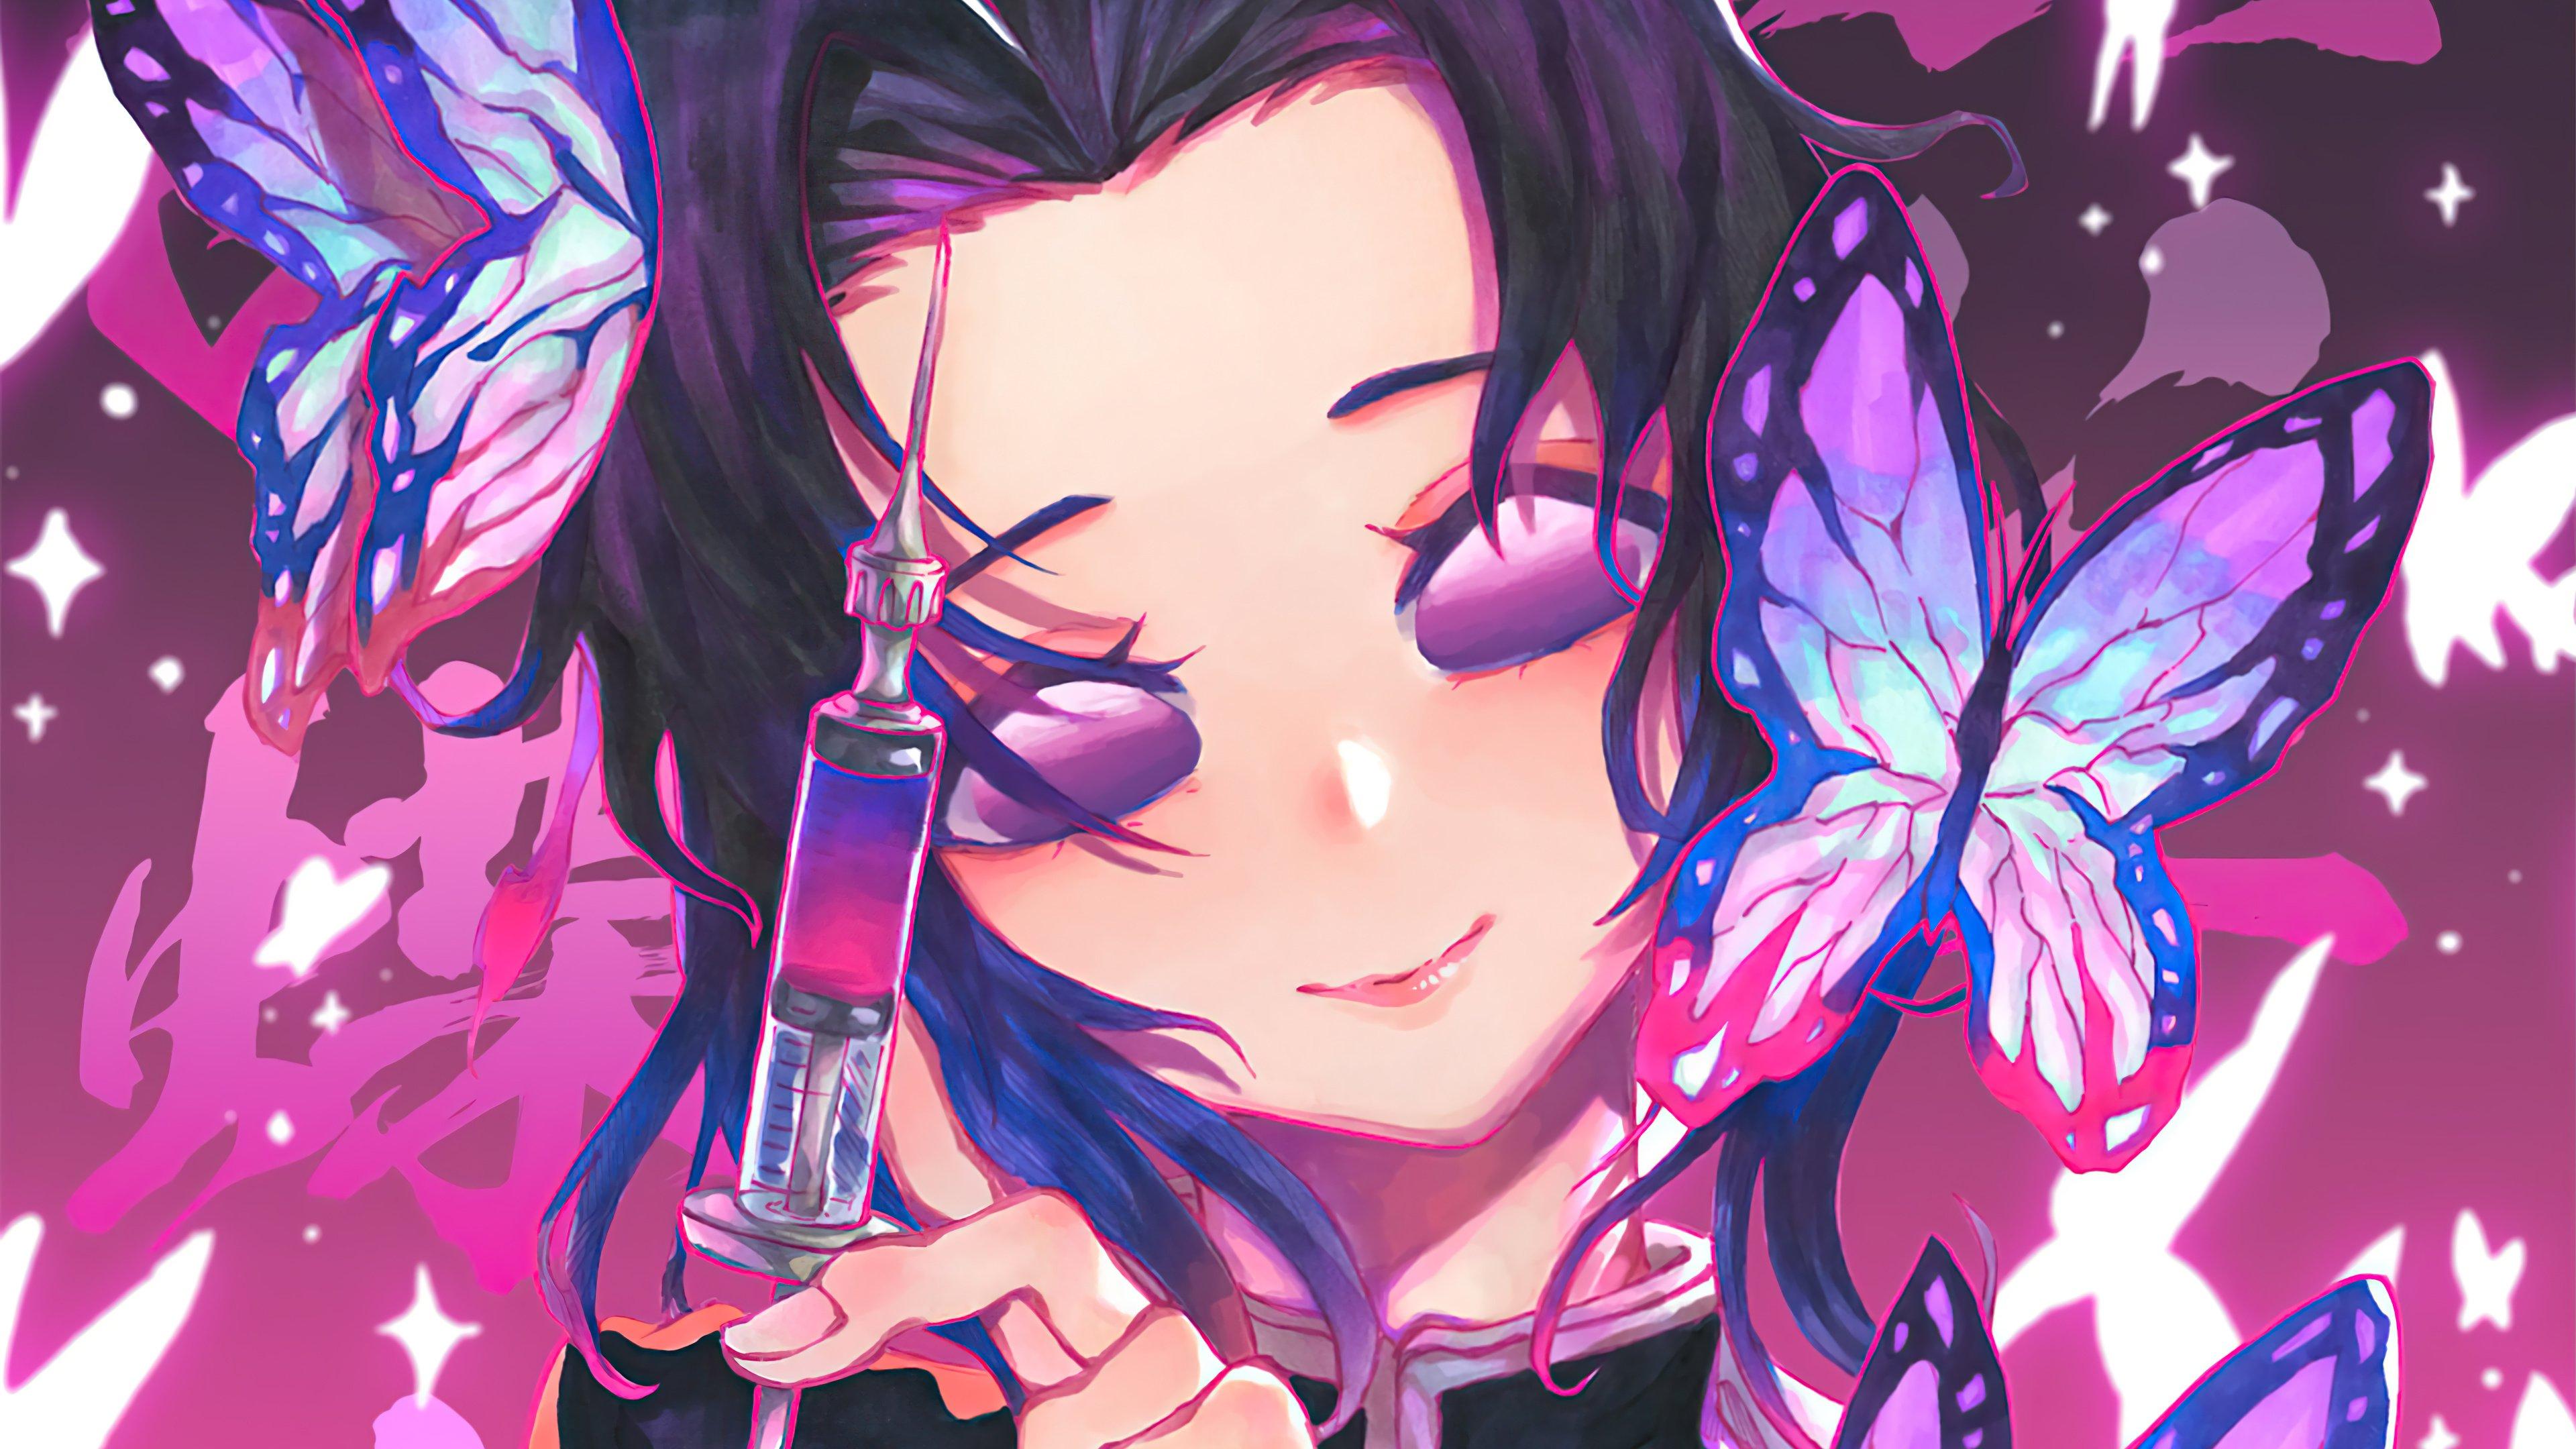 Fondos de pantalla Anime Shinobu Kosho de Kimetsu no Yaiba